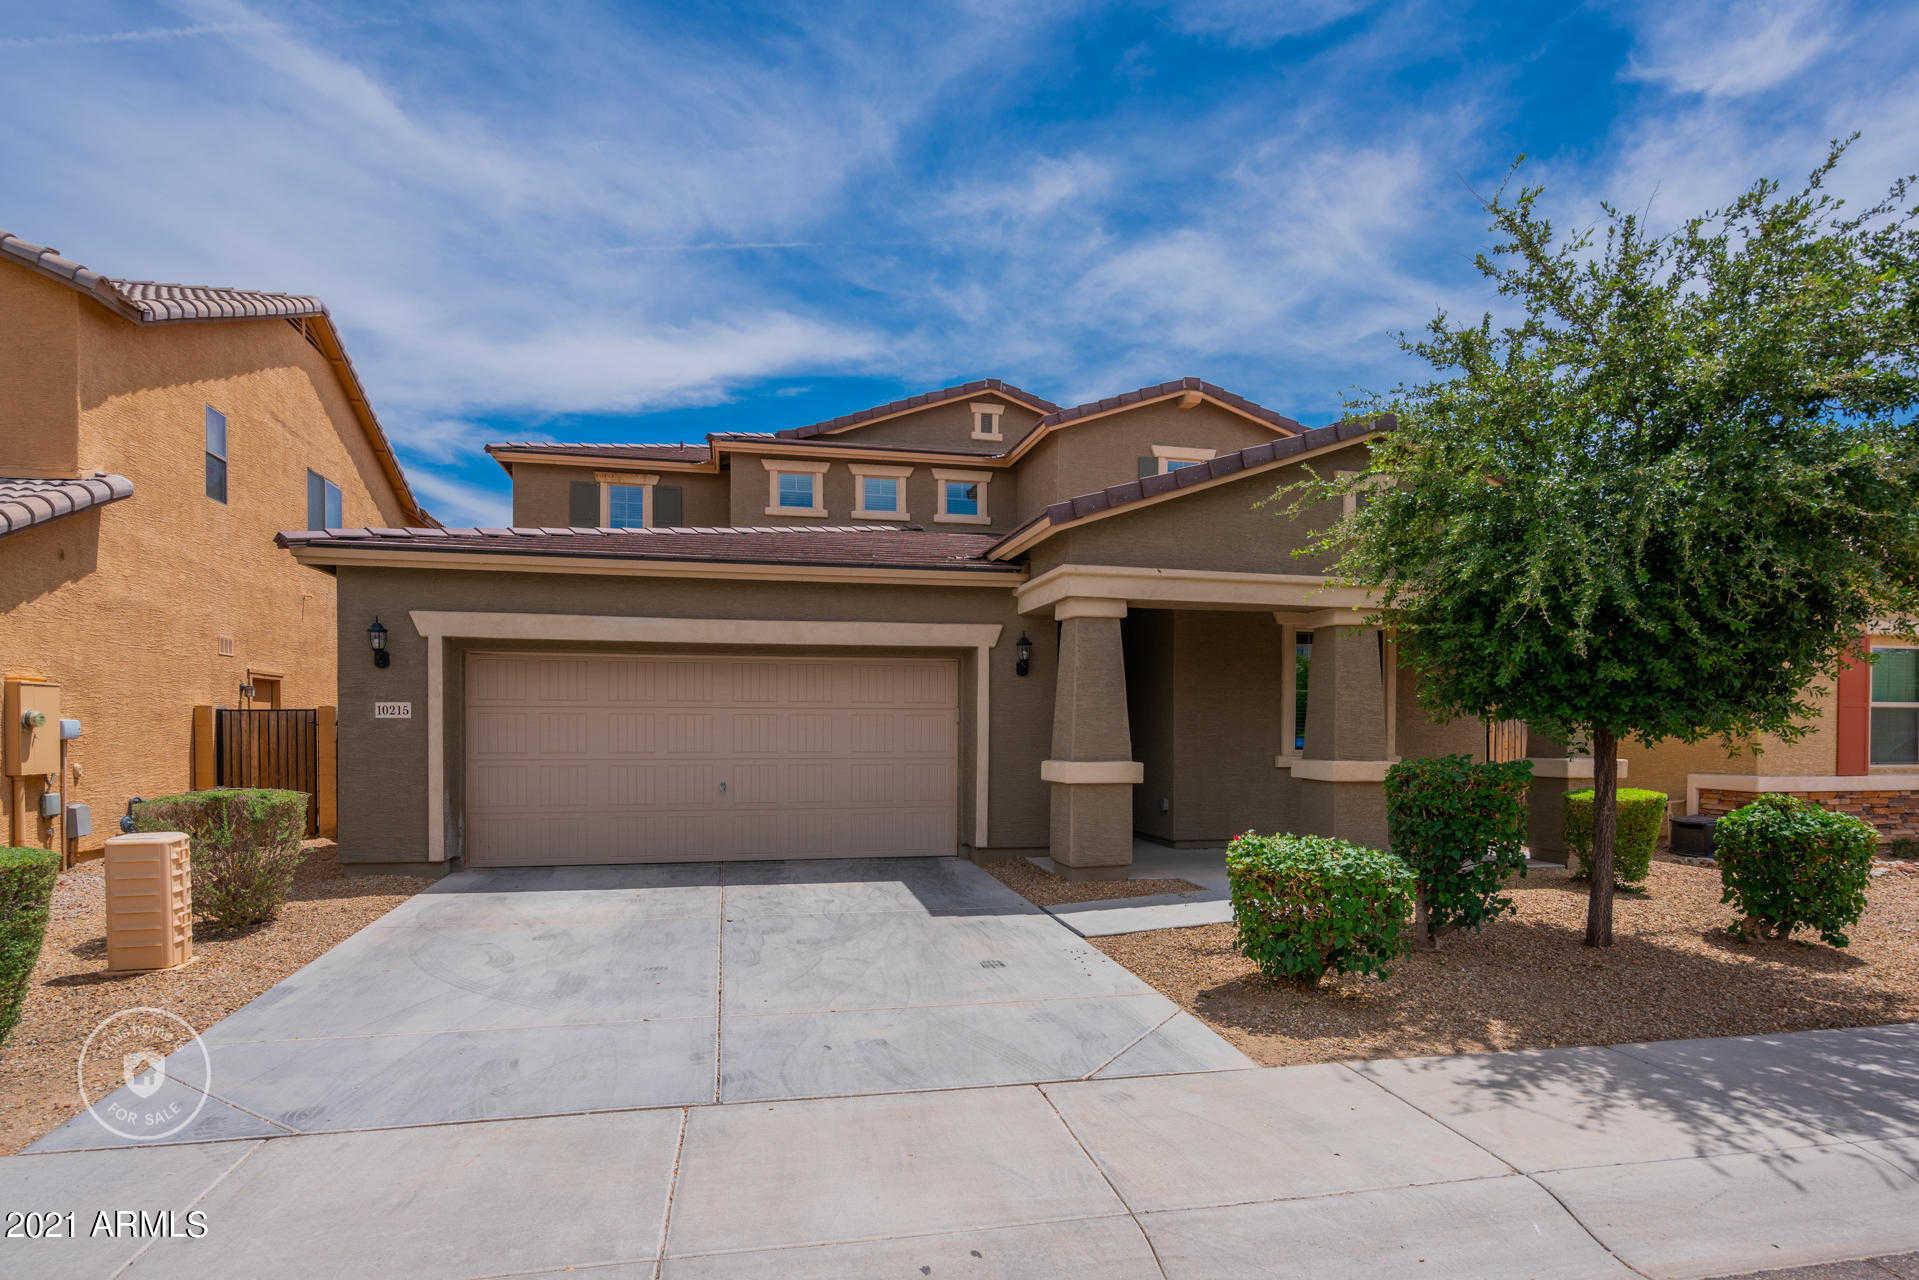 $466,000 - 4Br/3Ba - Home for Sale in Farmington Glen, Tolleson